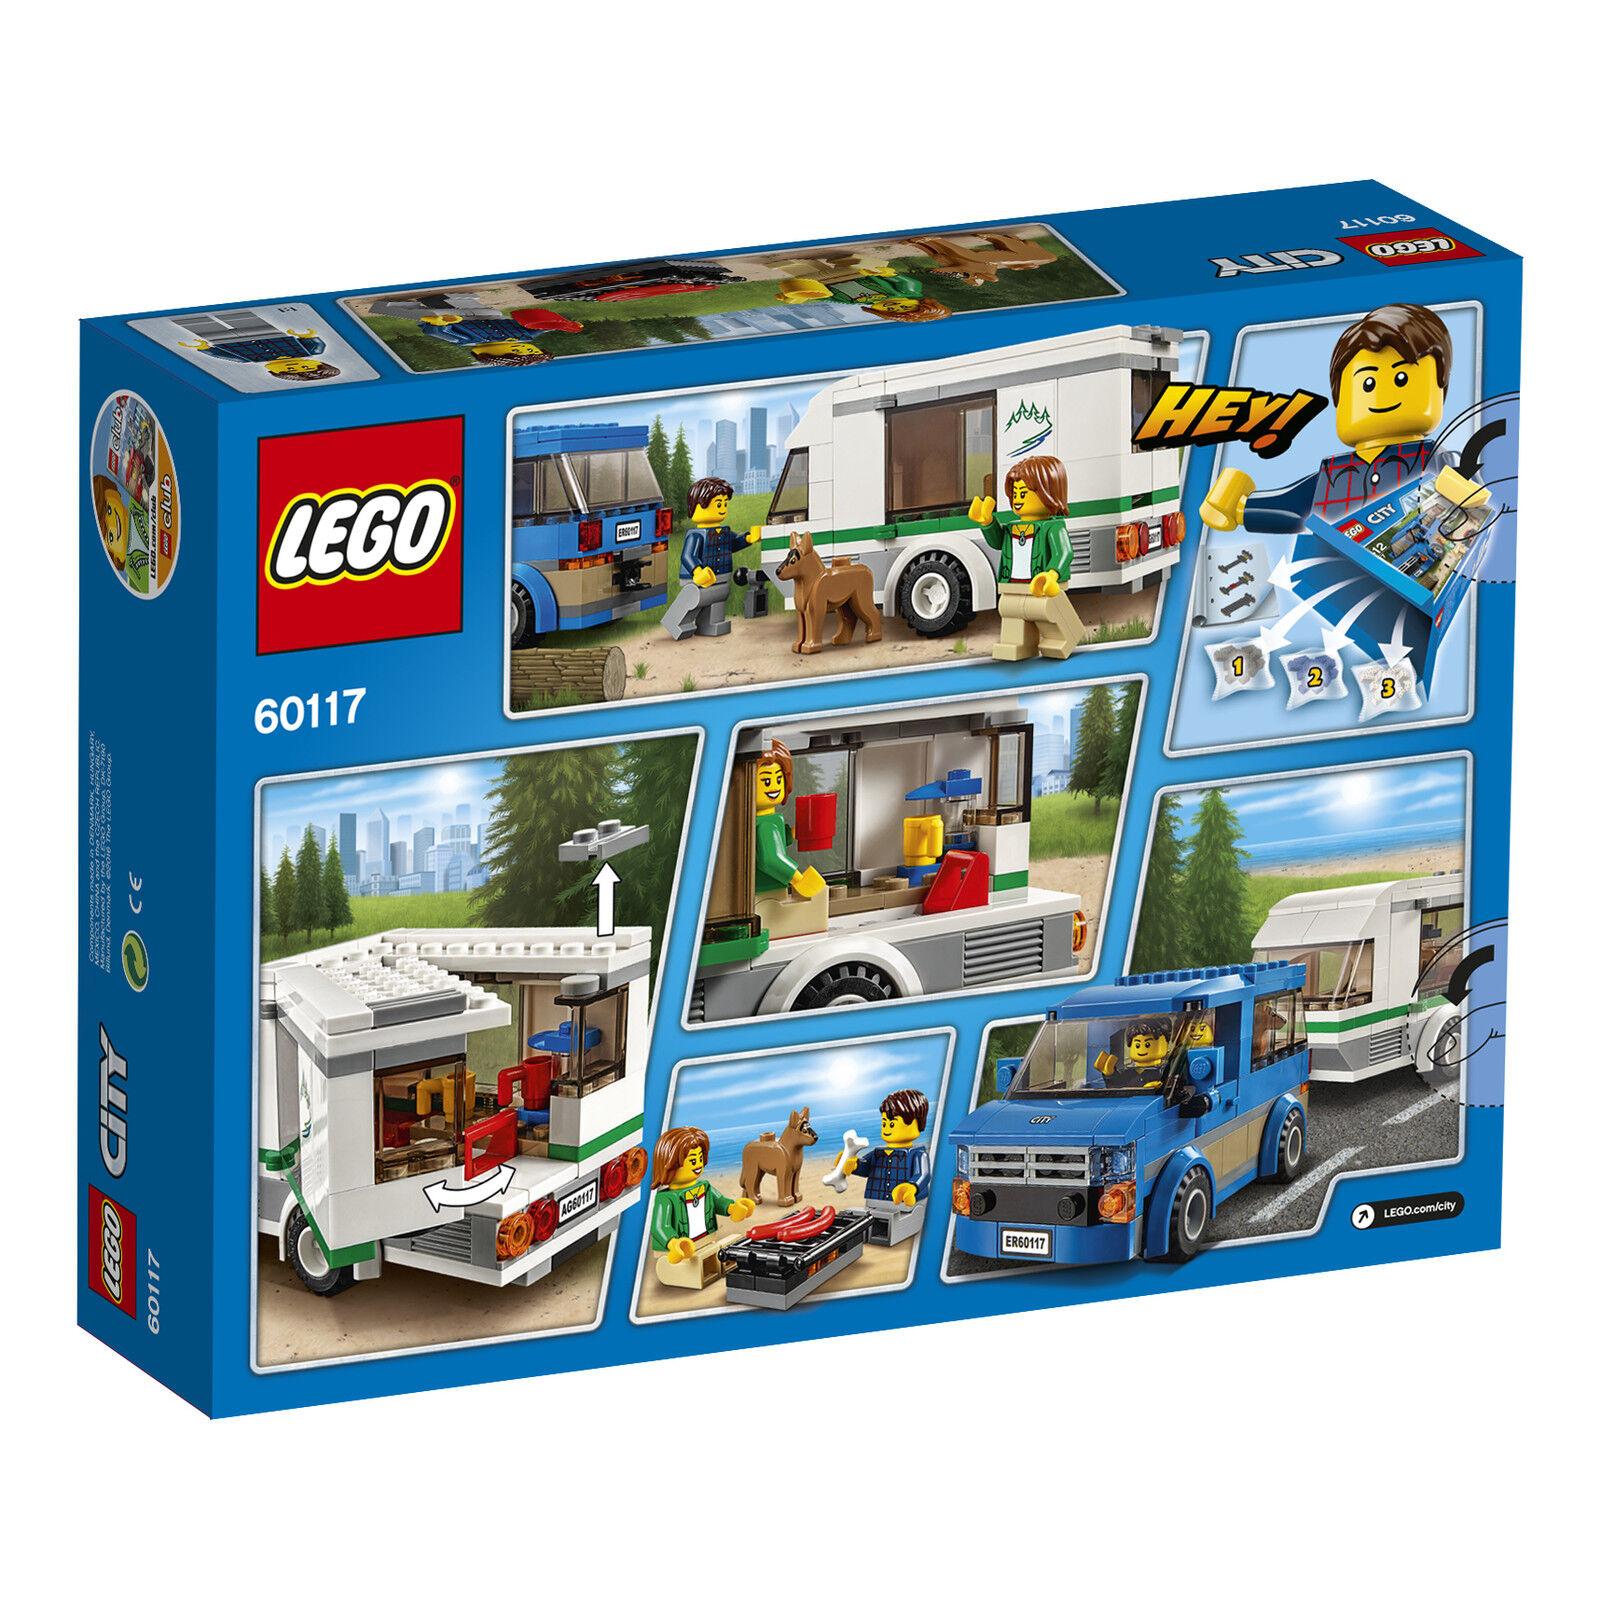 LEGO® City 60117 Van & Wohnwagen Wohnwagen Wohnwagen NEU OVP_ Van & Caravan NEW MISB NRFB f90522